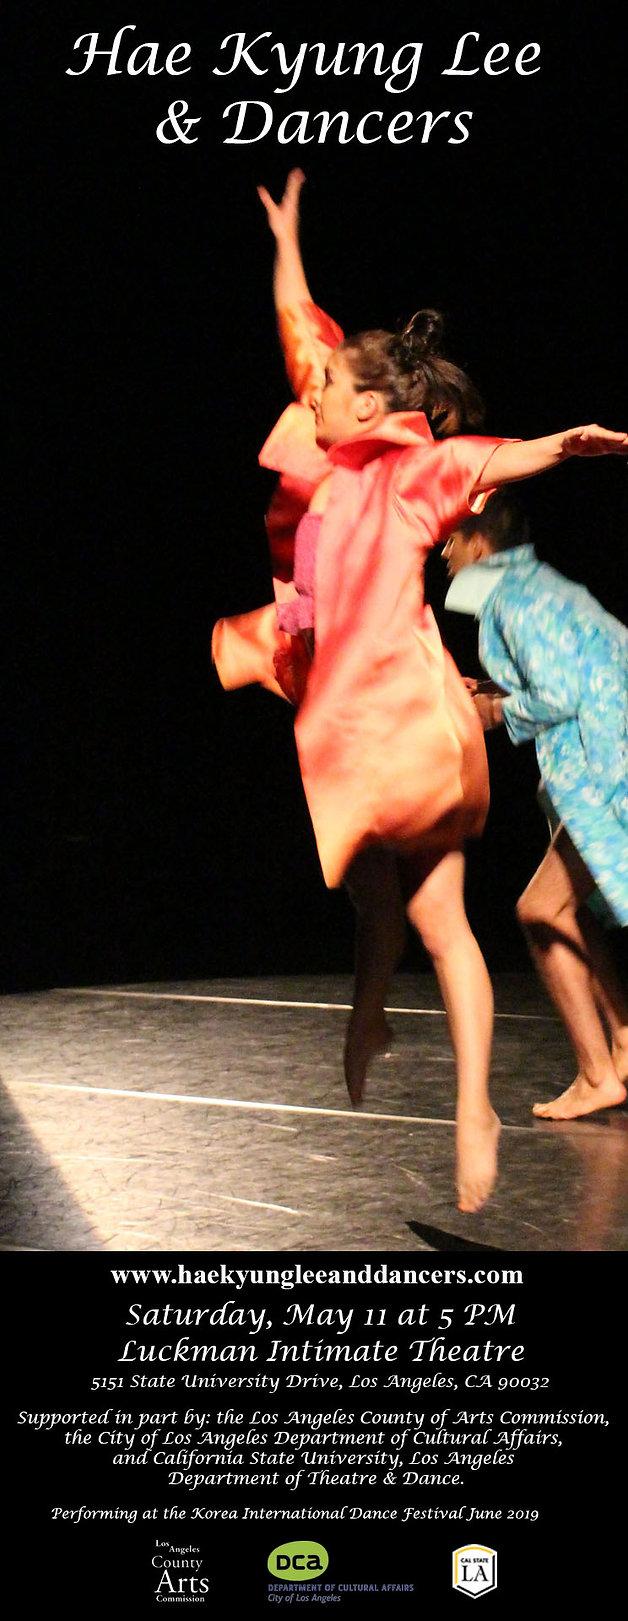 Hae Kyung Lee & Dancers.jpg